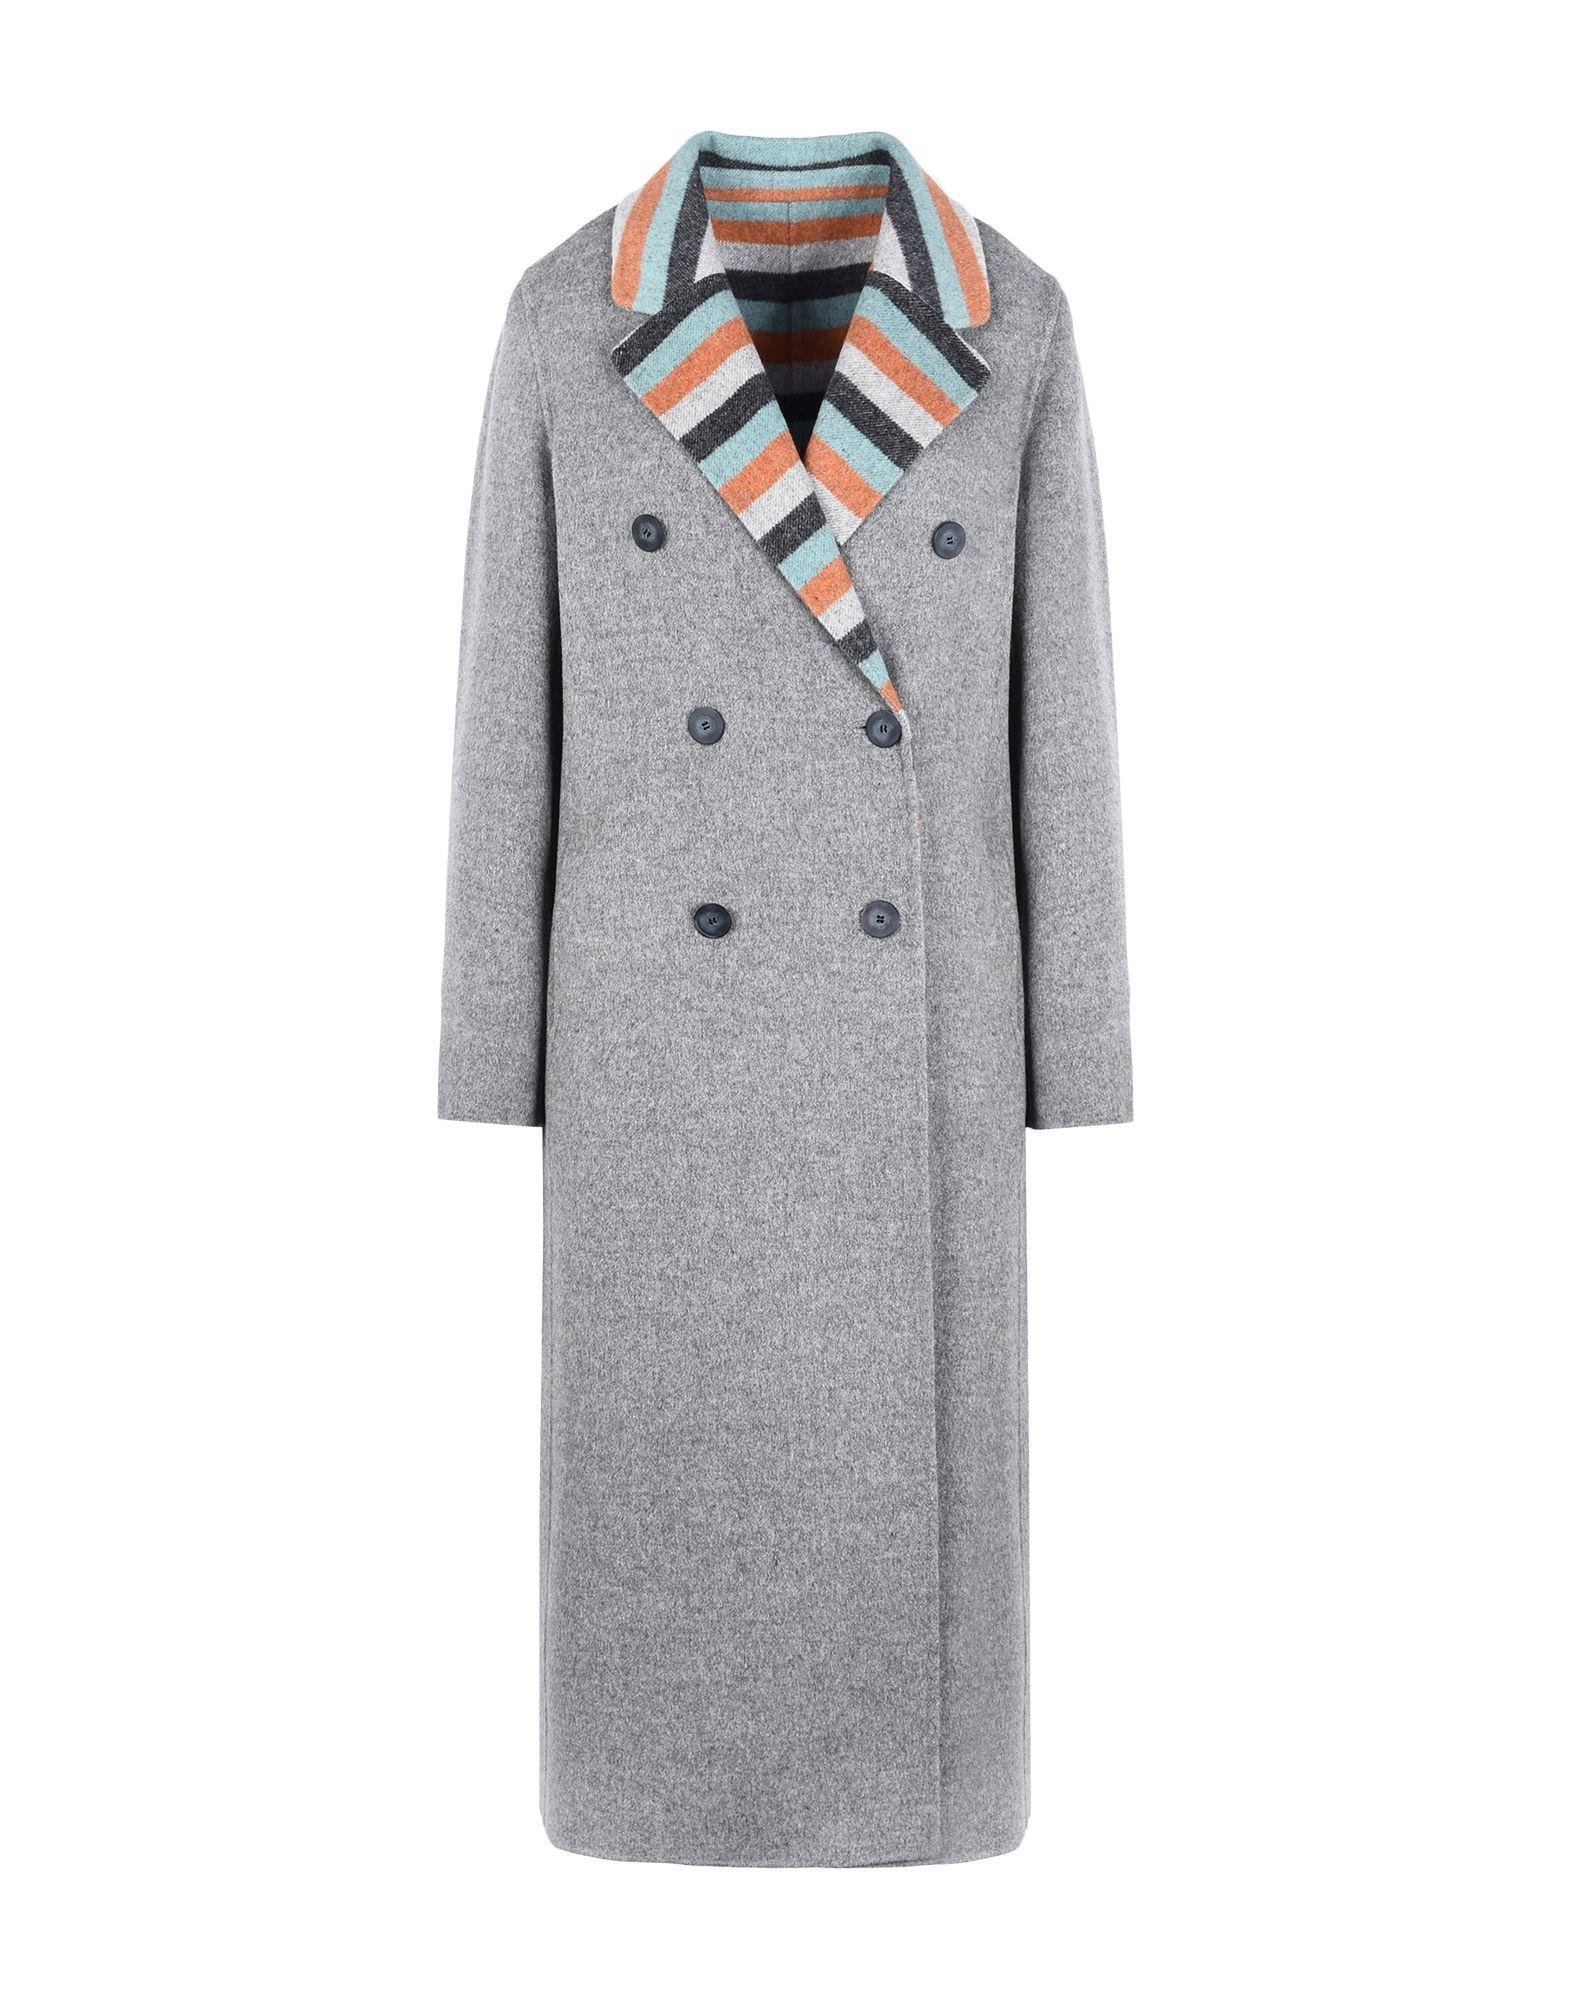 EMPORIO ARMANI Пальто 2016 осенью дамы сукно slim шерстяные пальто в длинные пальто